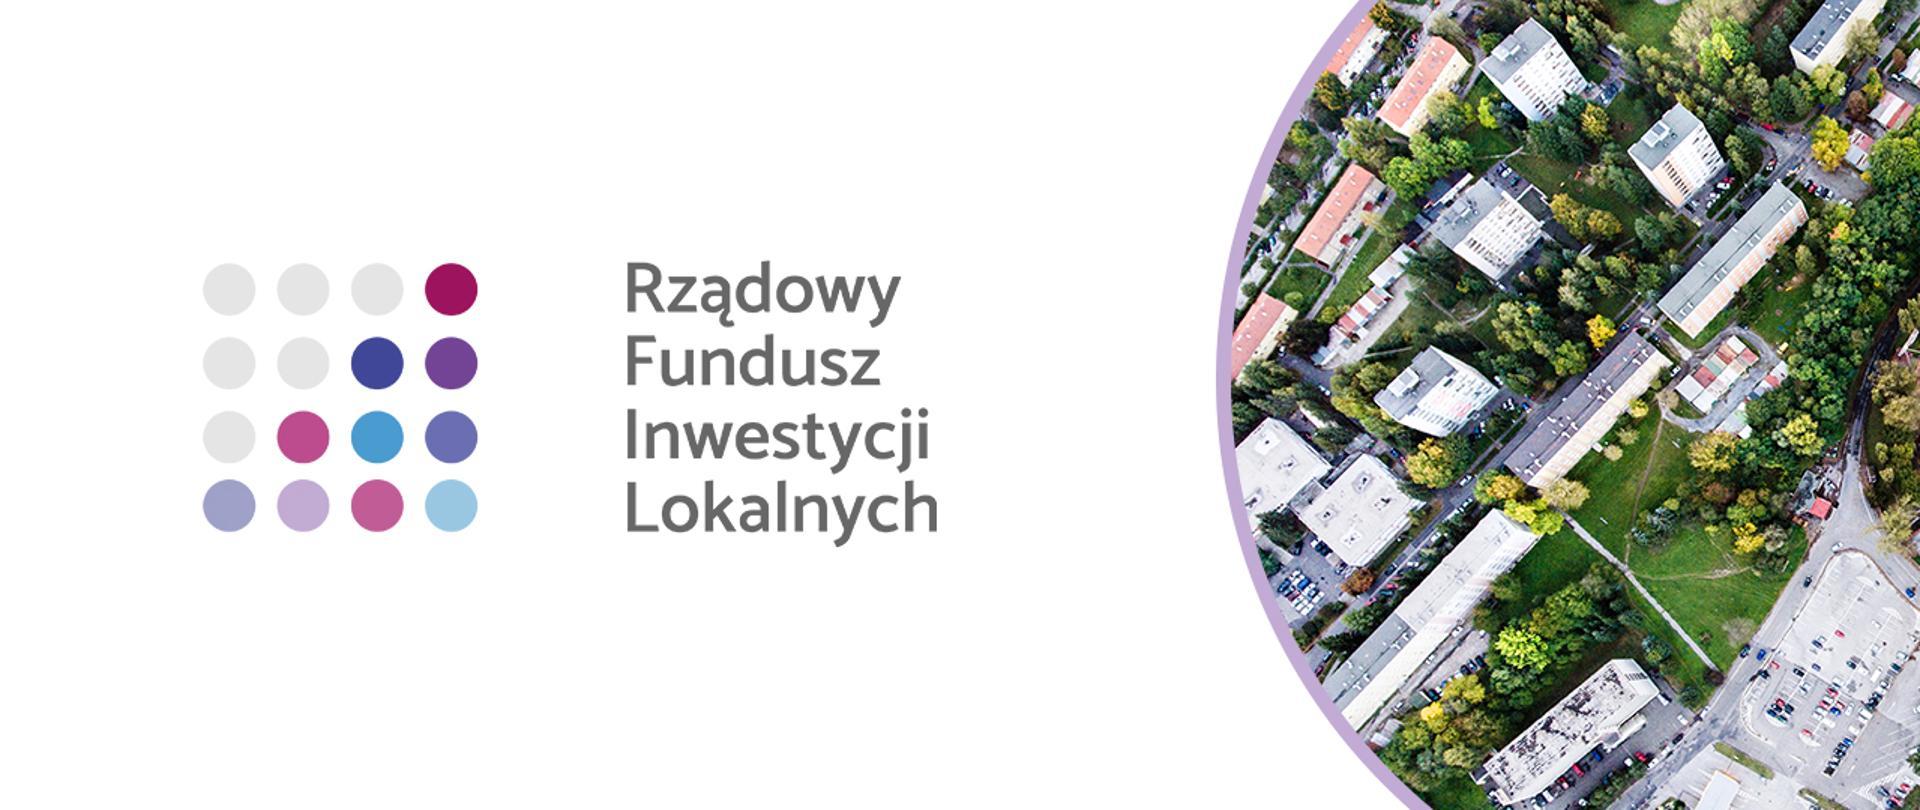 Po lewej oraz w centralnej części grafiki logo Rządowego Funduszu Inwestycji Lokalnych, składające się w kolorowych kropek ułożonych w kwadrat oraz podpisu Rządowy Fundusz Inwestycji Lokalnych. Po prawej stronie zdjęcie miasta z lotu ptaka.